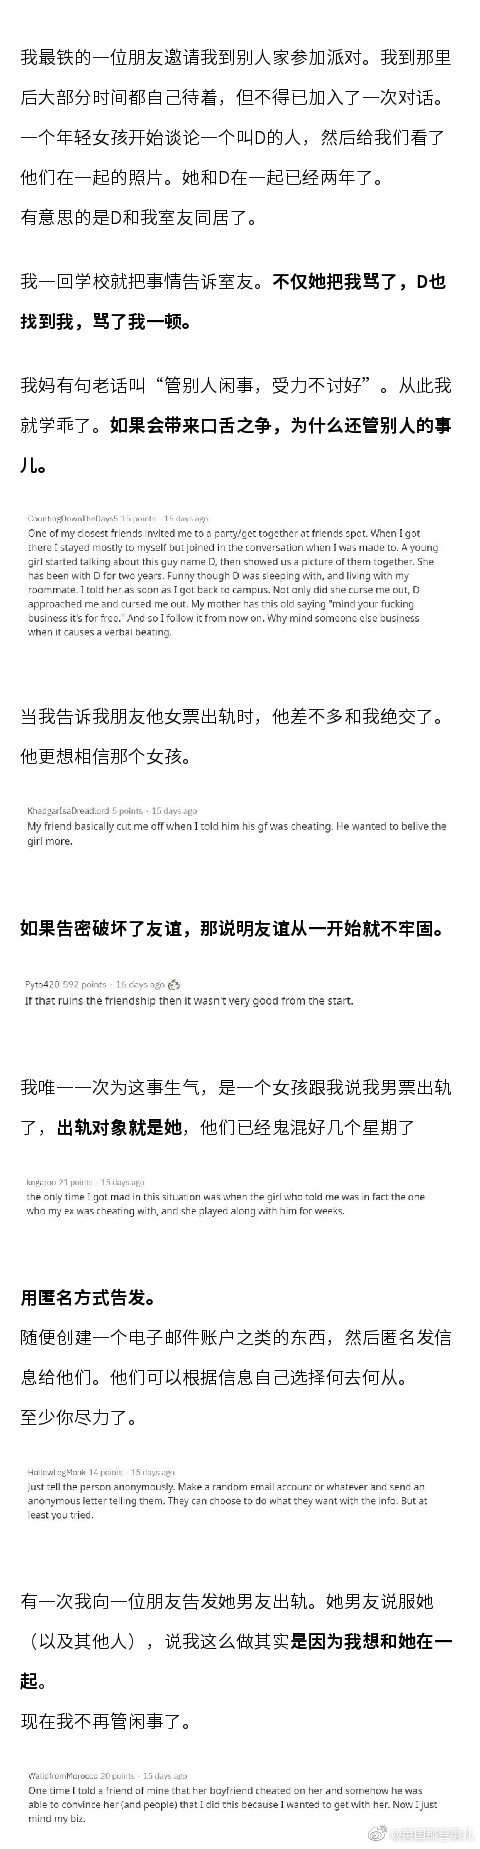 """发现""""出轨的女人""""是熟人怎么办?应该暗示当事人被绿了吗? liuliushe.net六六社 第4张"""